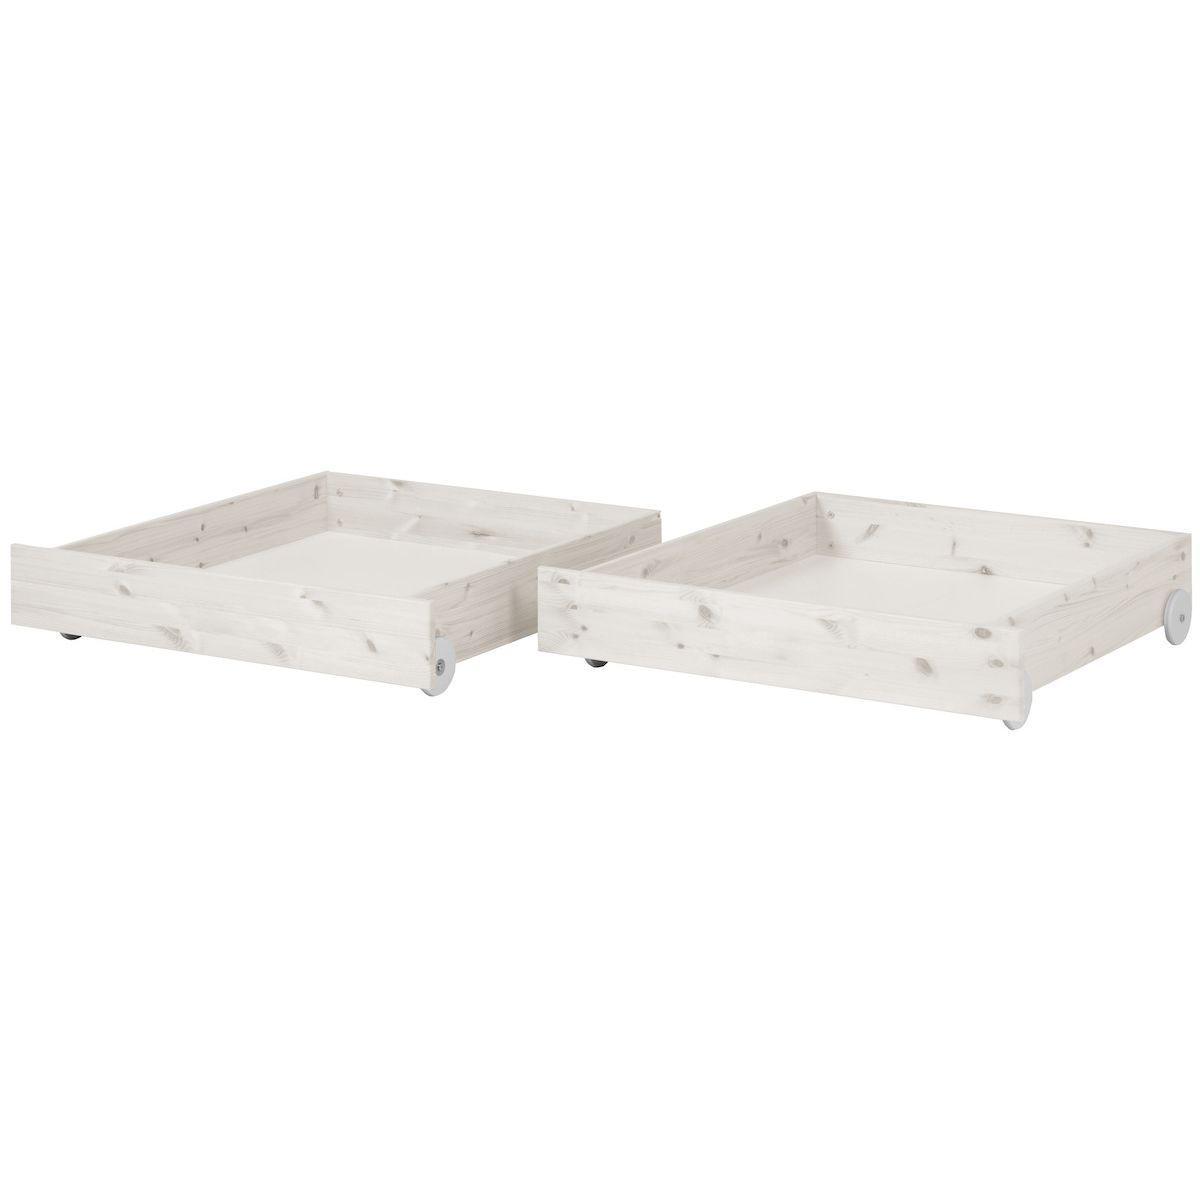 Schubladen 2 Stk. für Einzelbett 90x190cm CLASSIC by Flexa whitewash